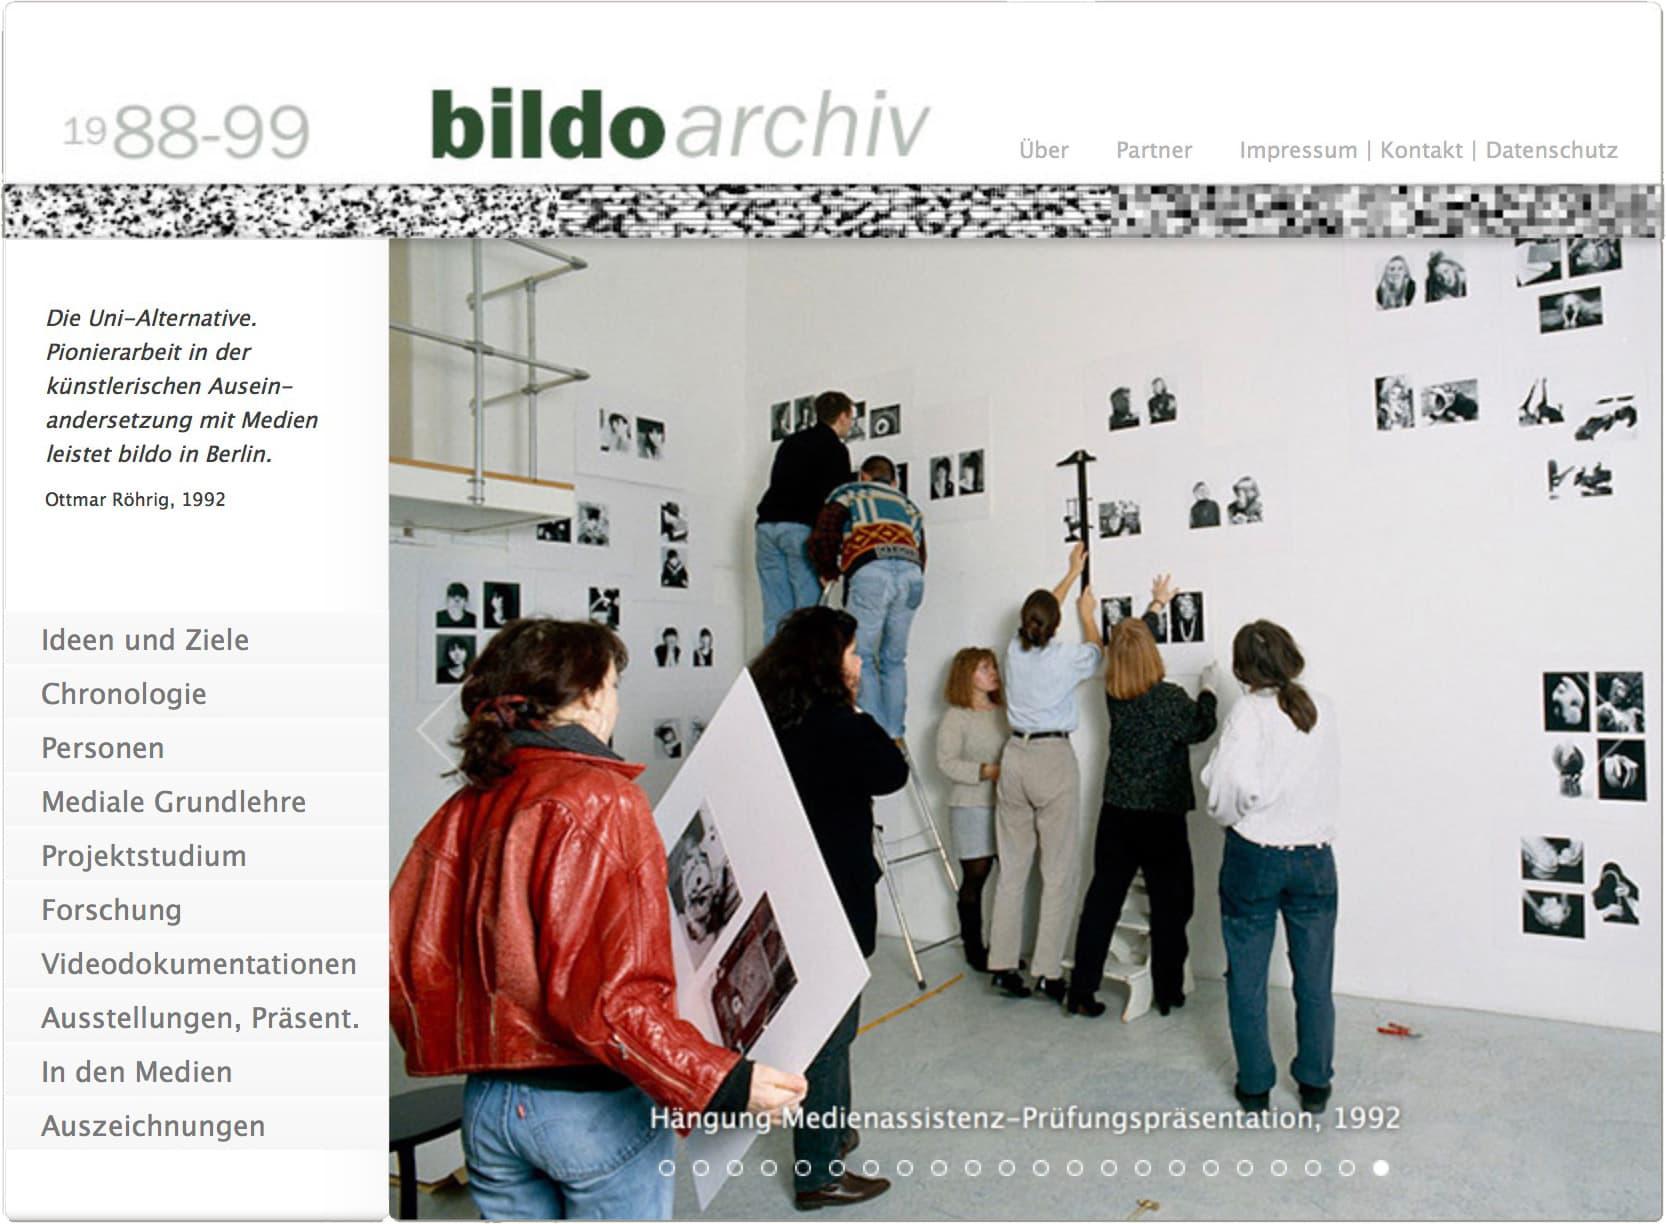 Webseite bildo archiv